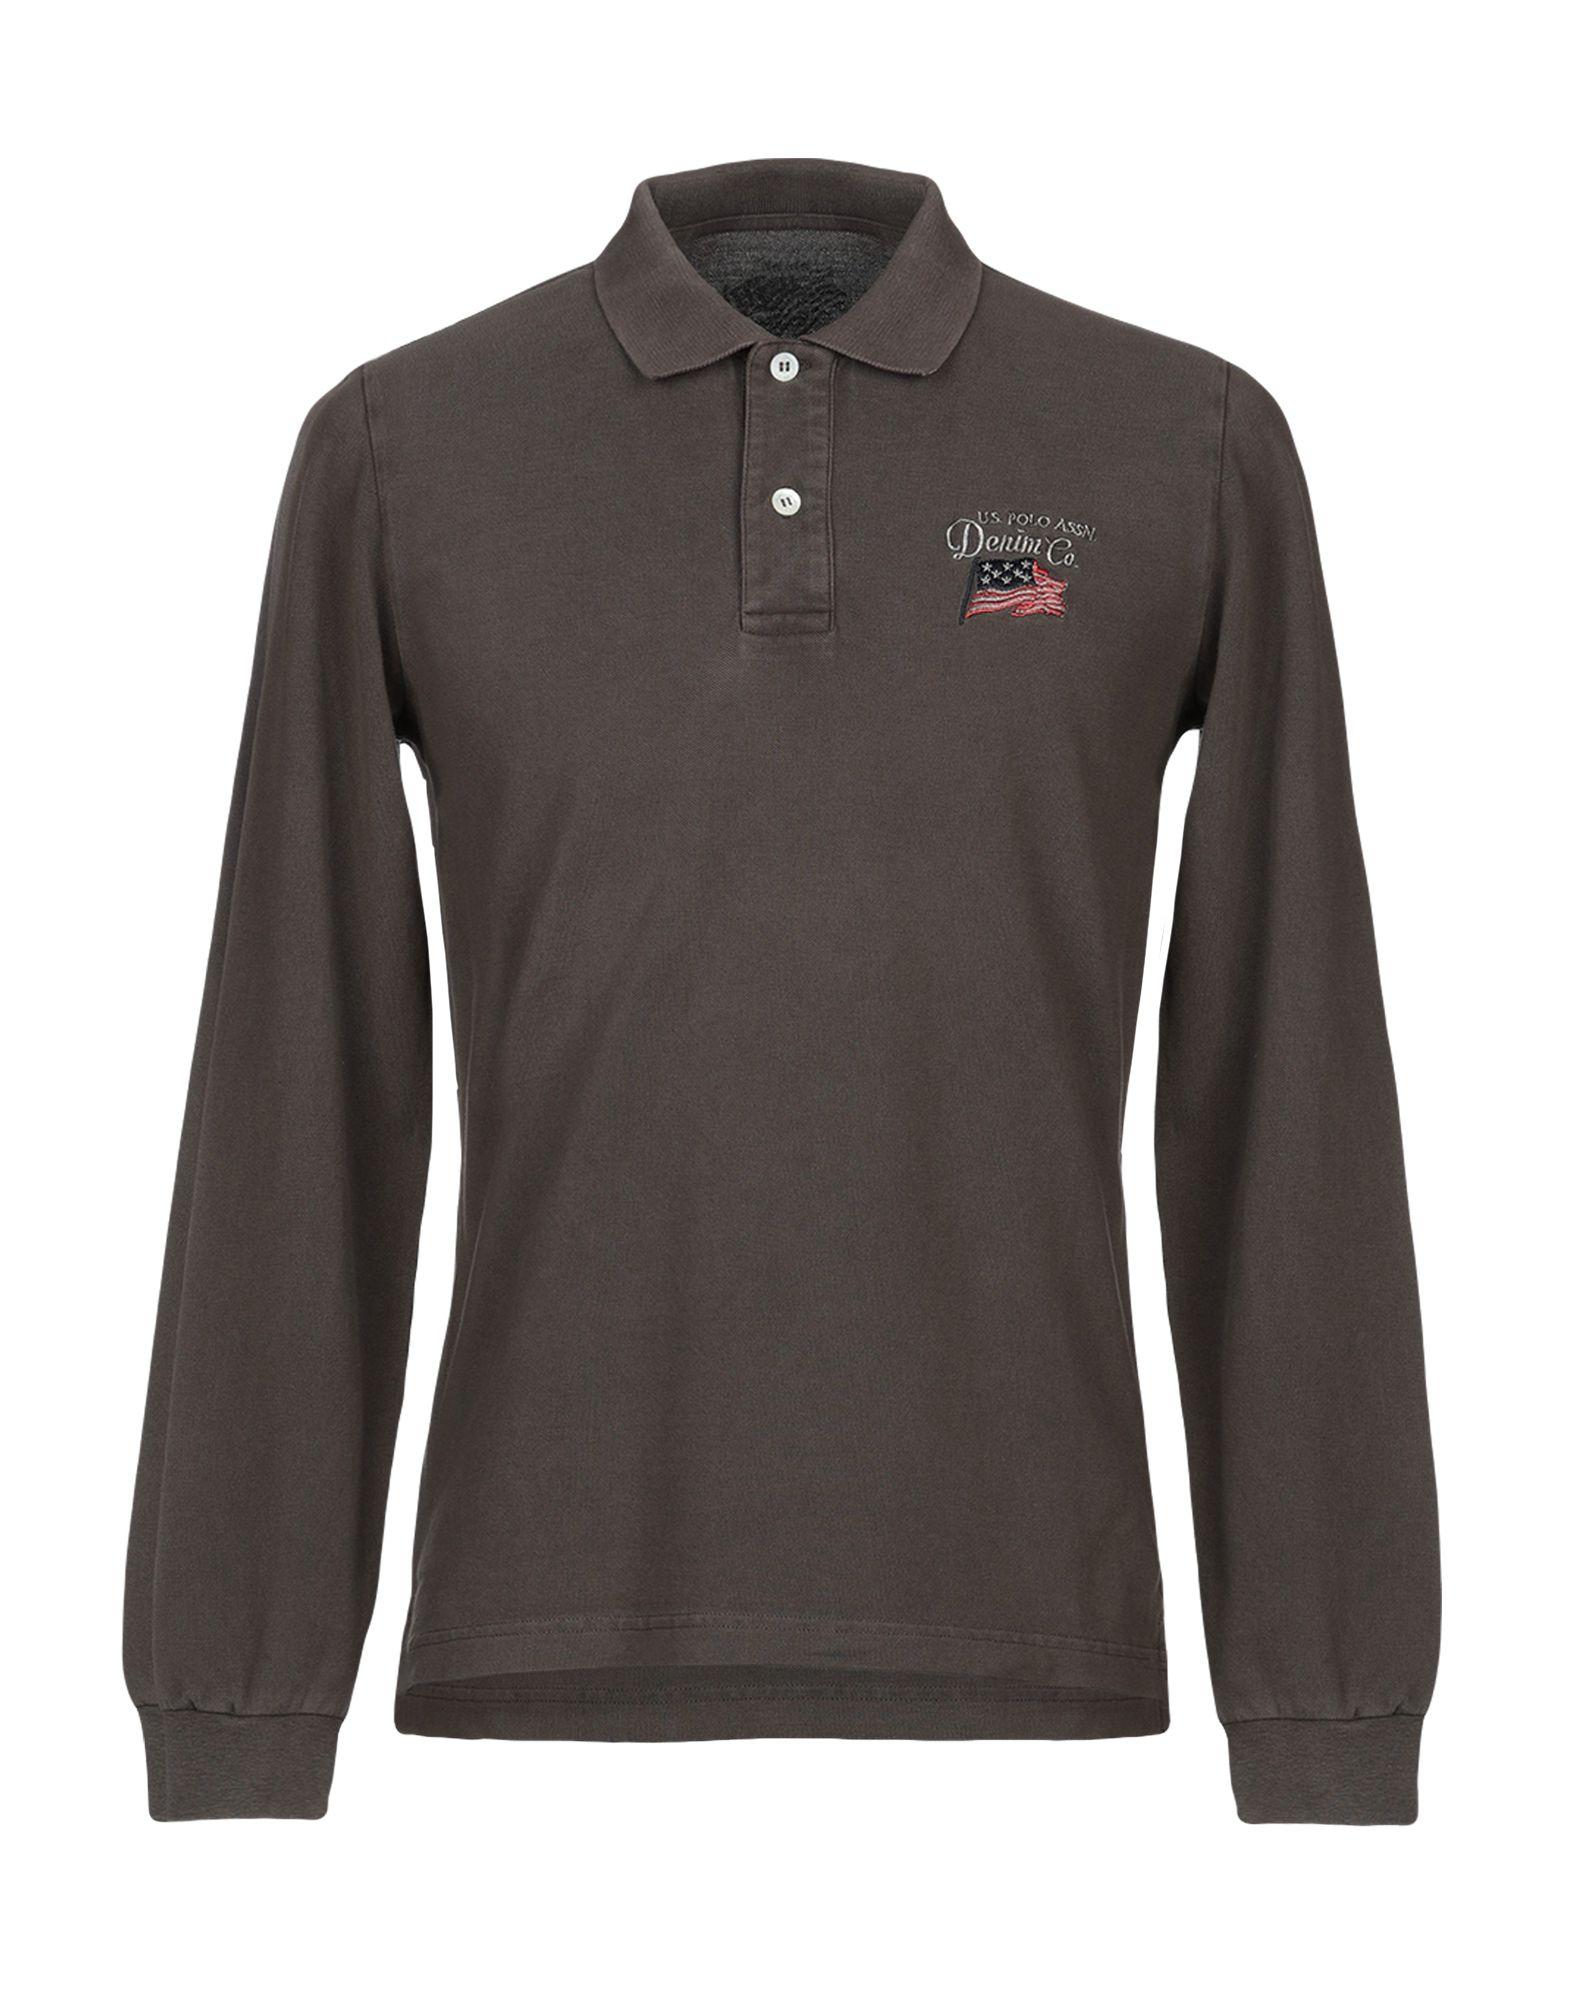 《送料無料》U.S.POLO ASSN. メンズ ポロシャツ カーキ M コットン 100%